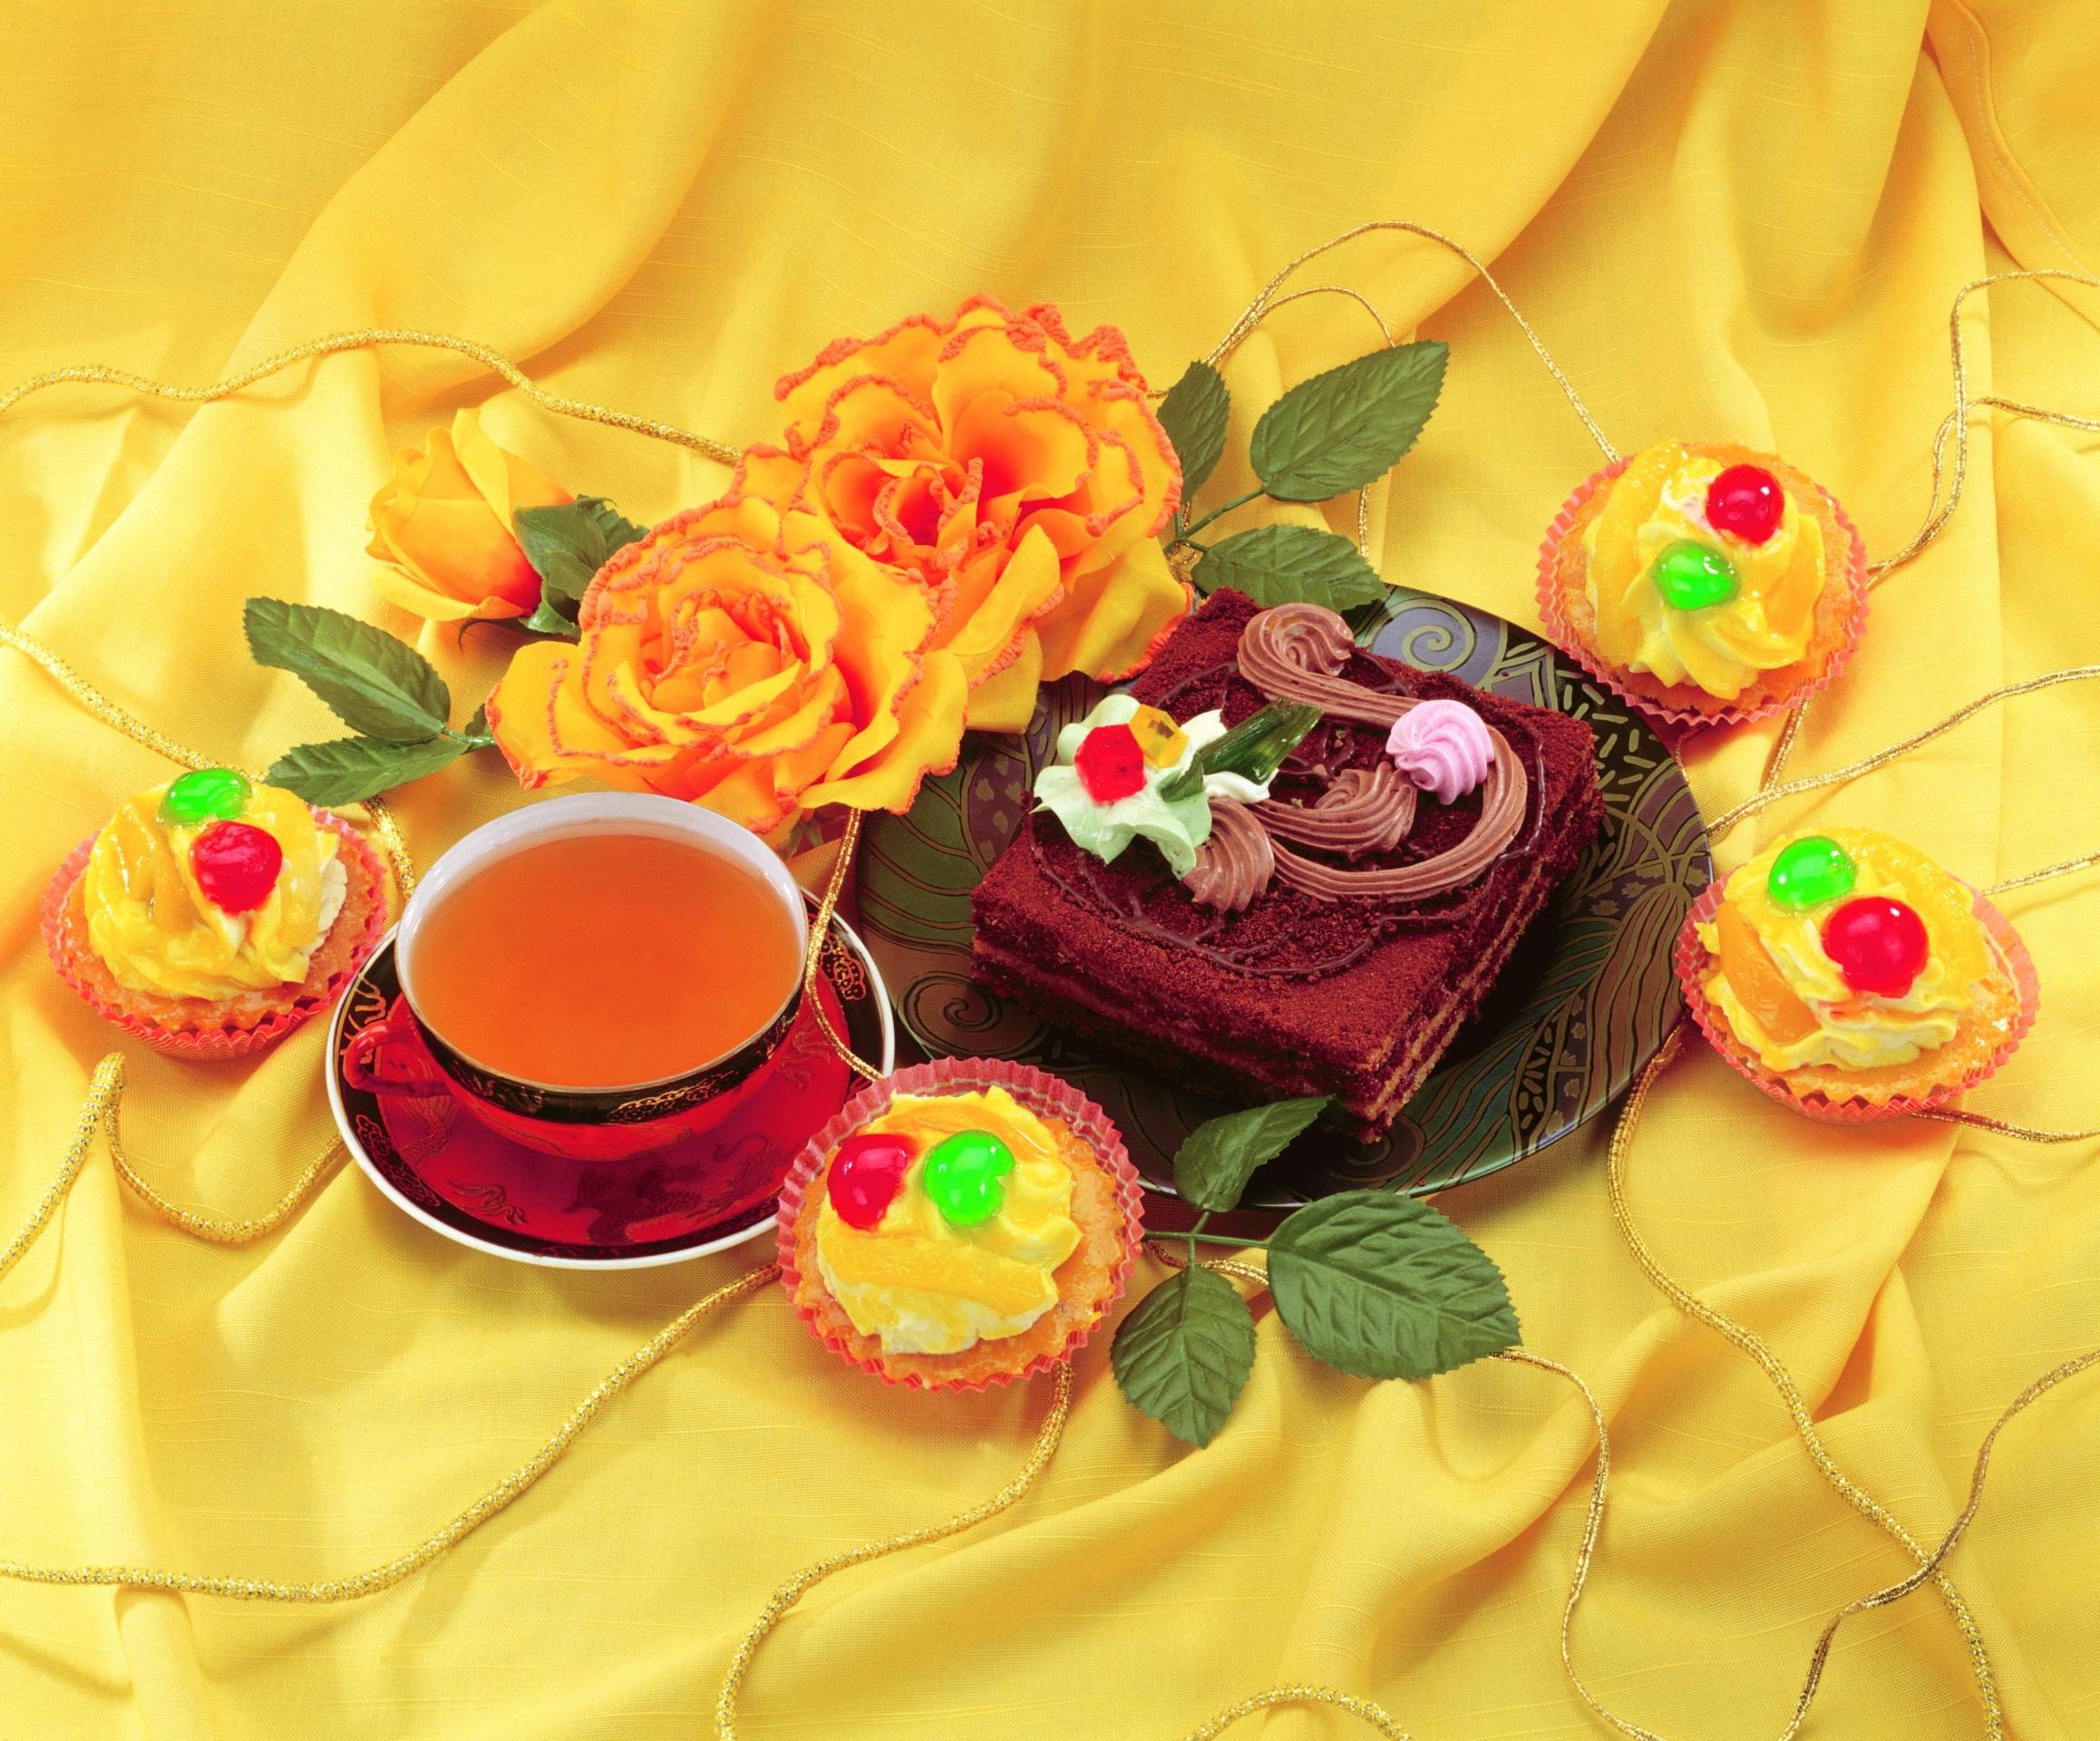 Фотографии Чай Розы Торты Еда Чашка Пирожное Натюрморт 2316x1920 Пища чашке Продукты питания